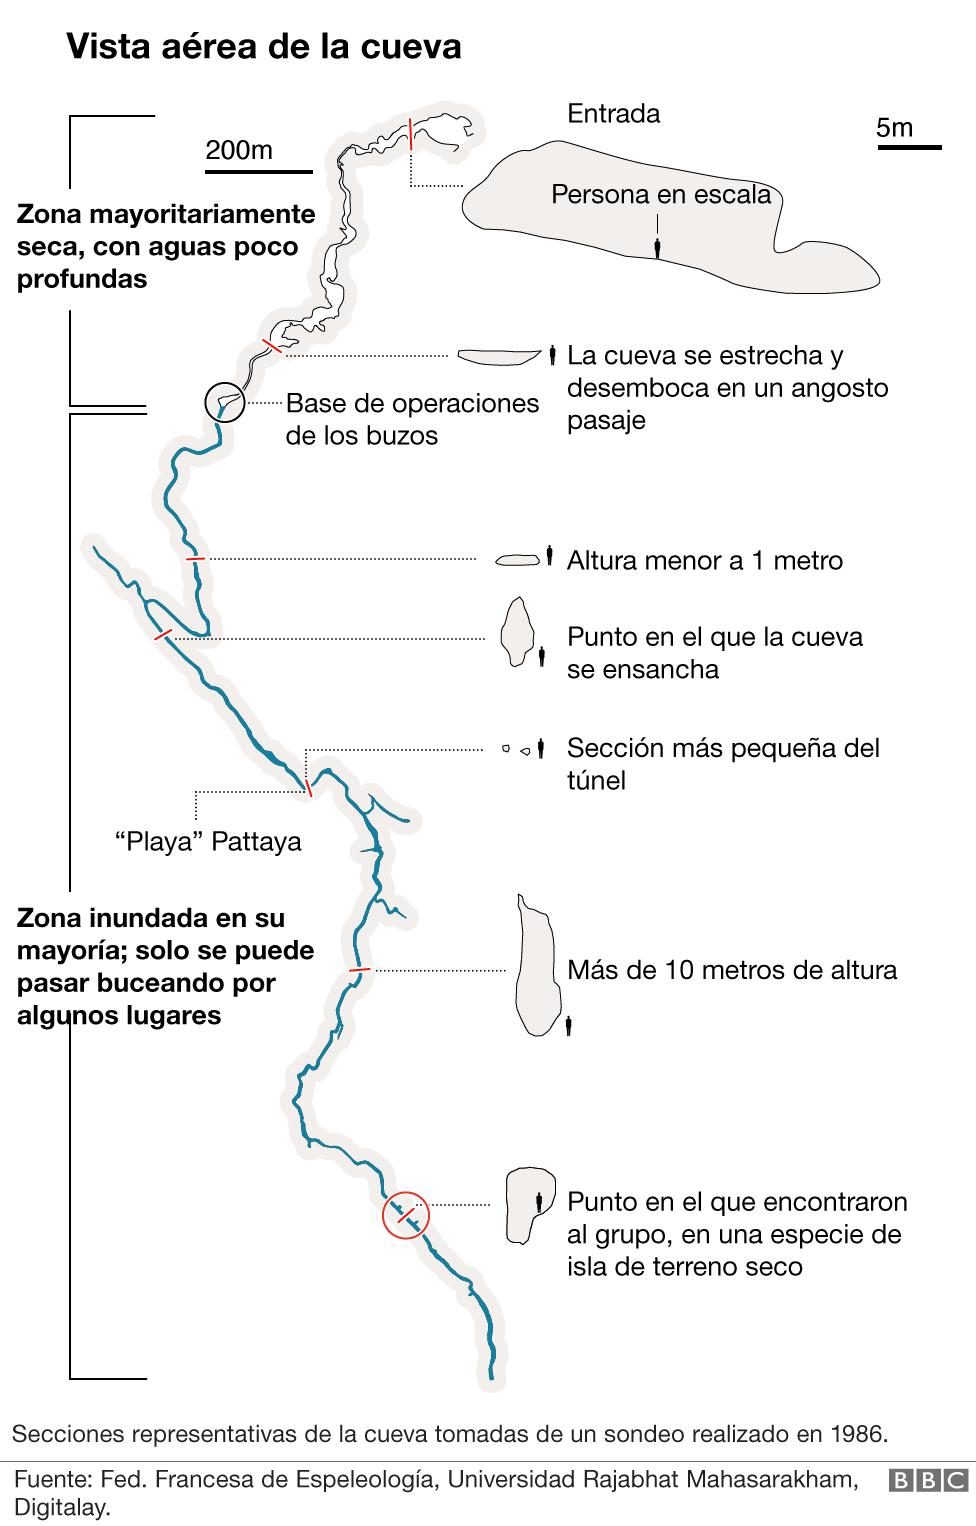 Gráfico del recorrido